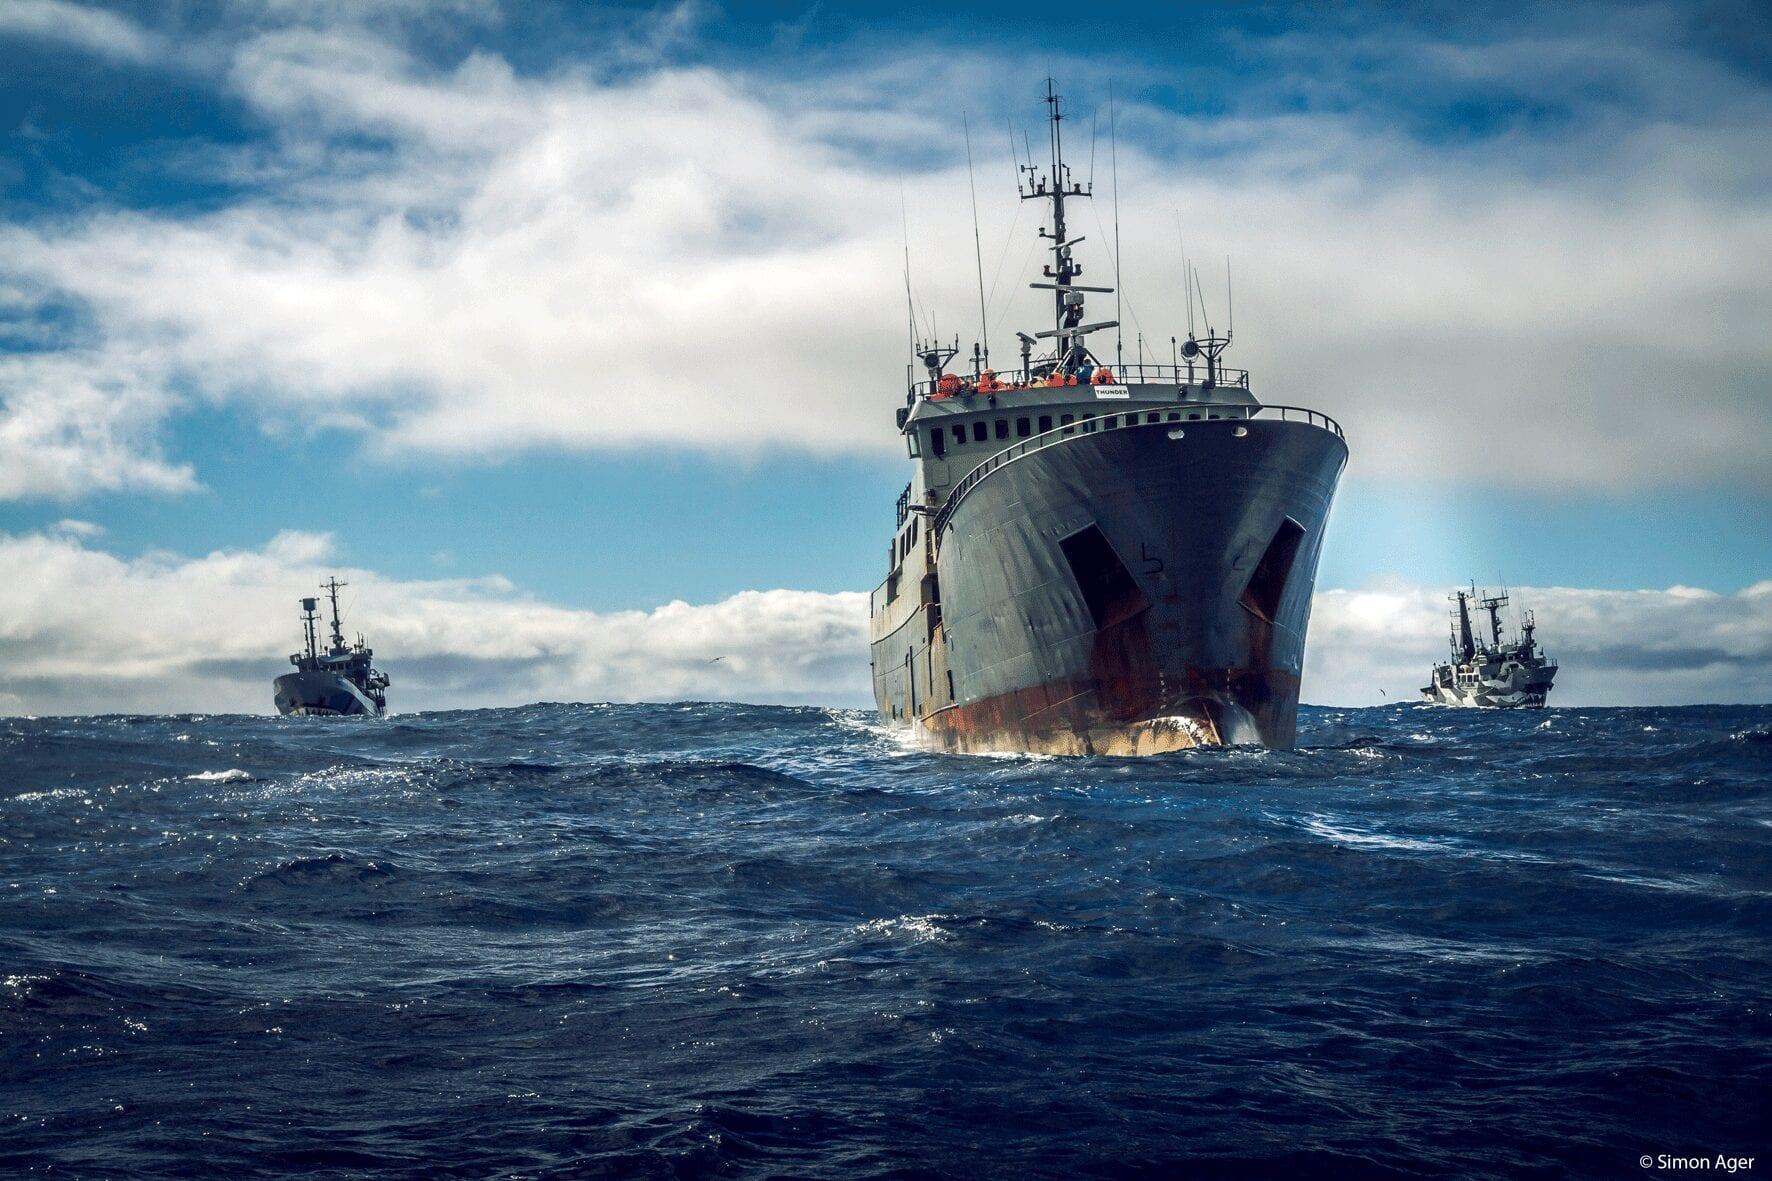 Ocean Film Tour Chasing The Thunder